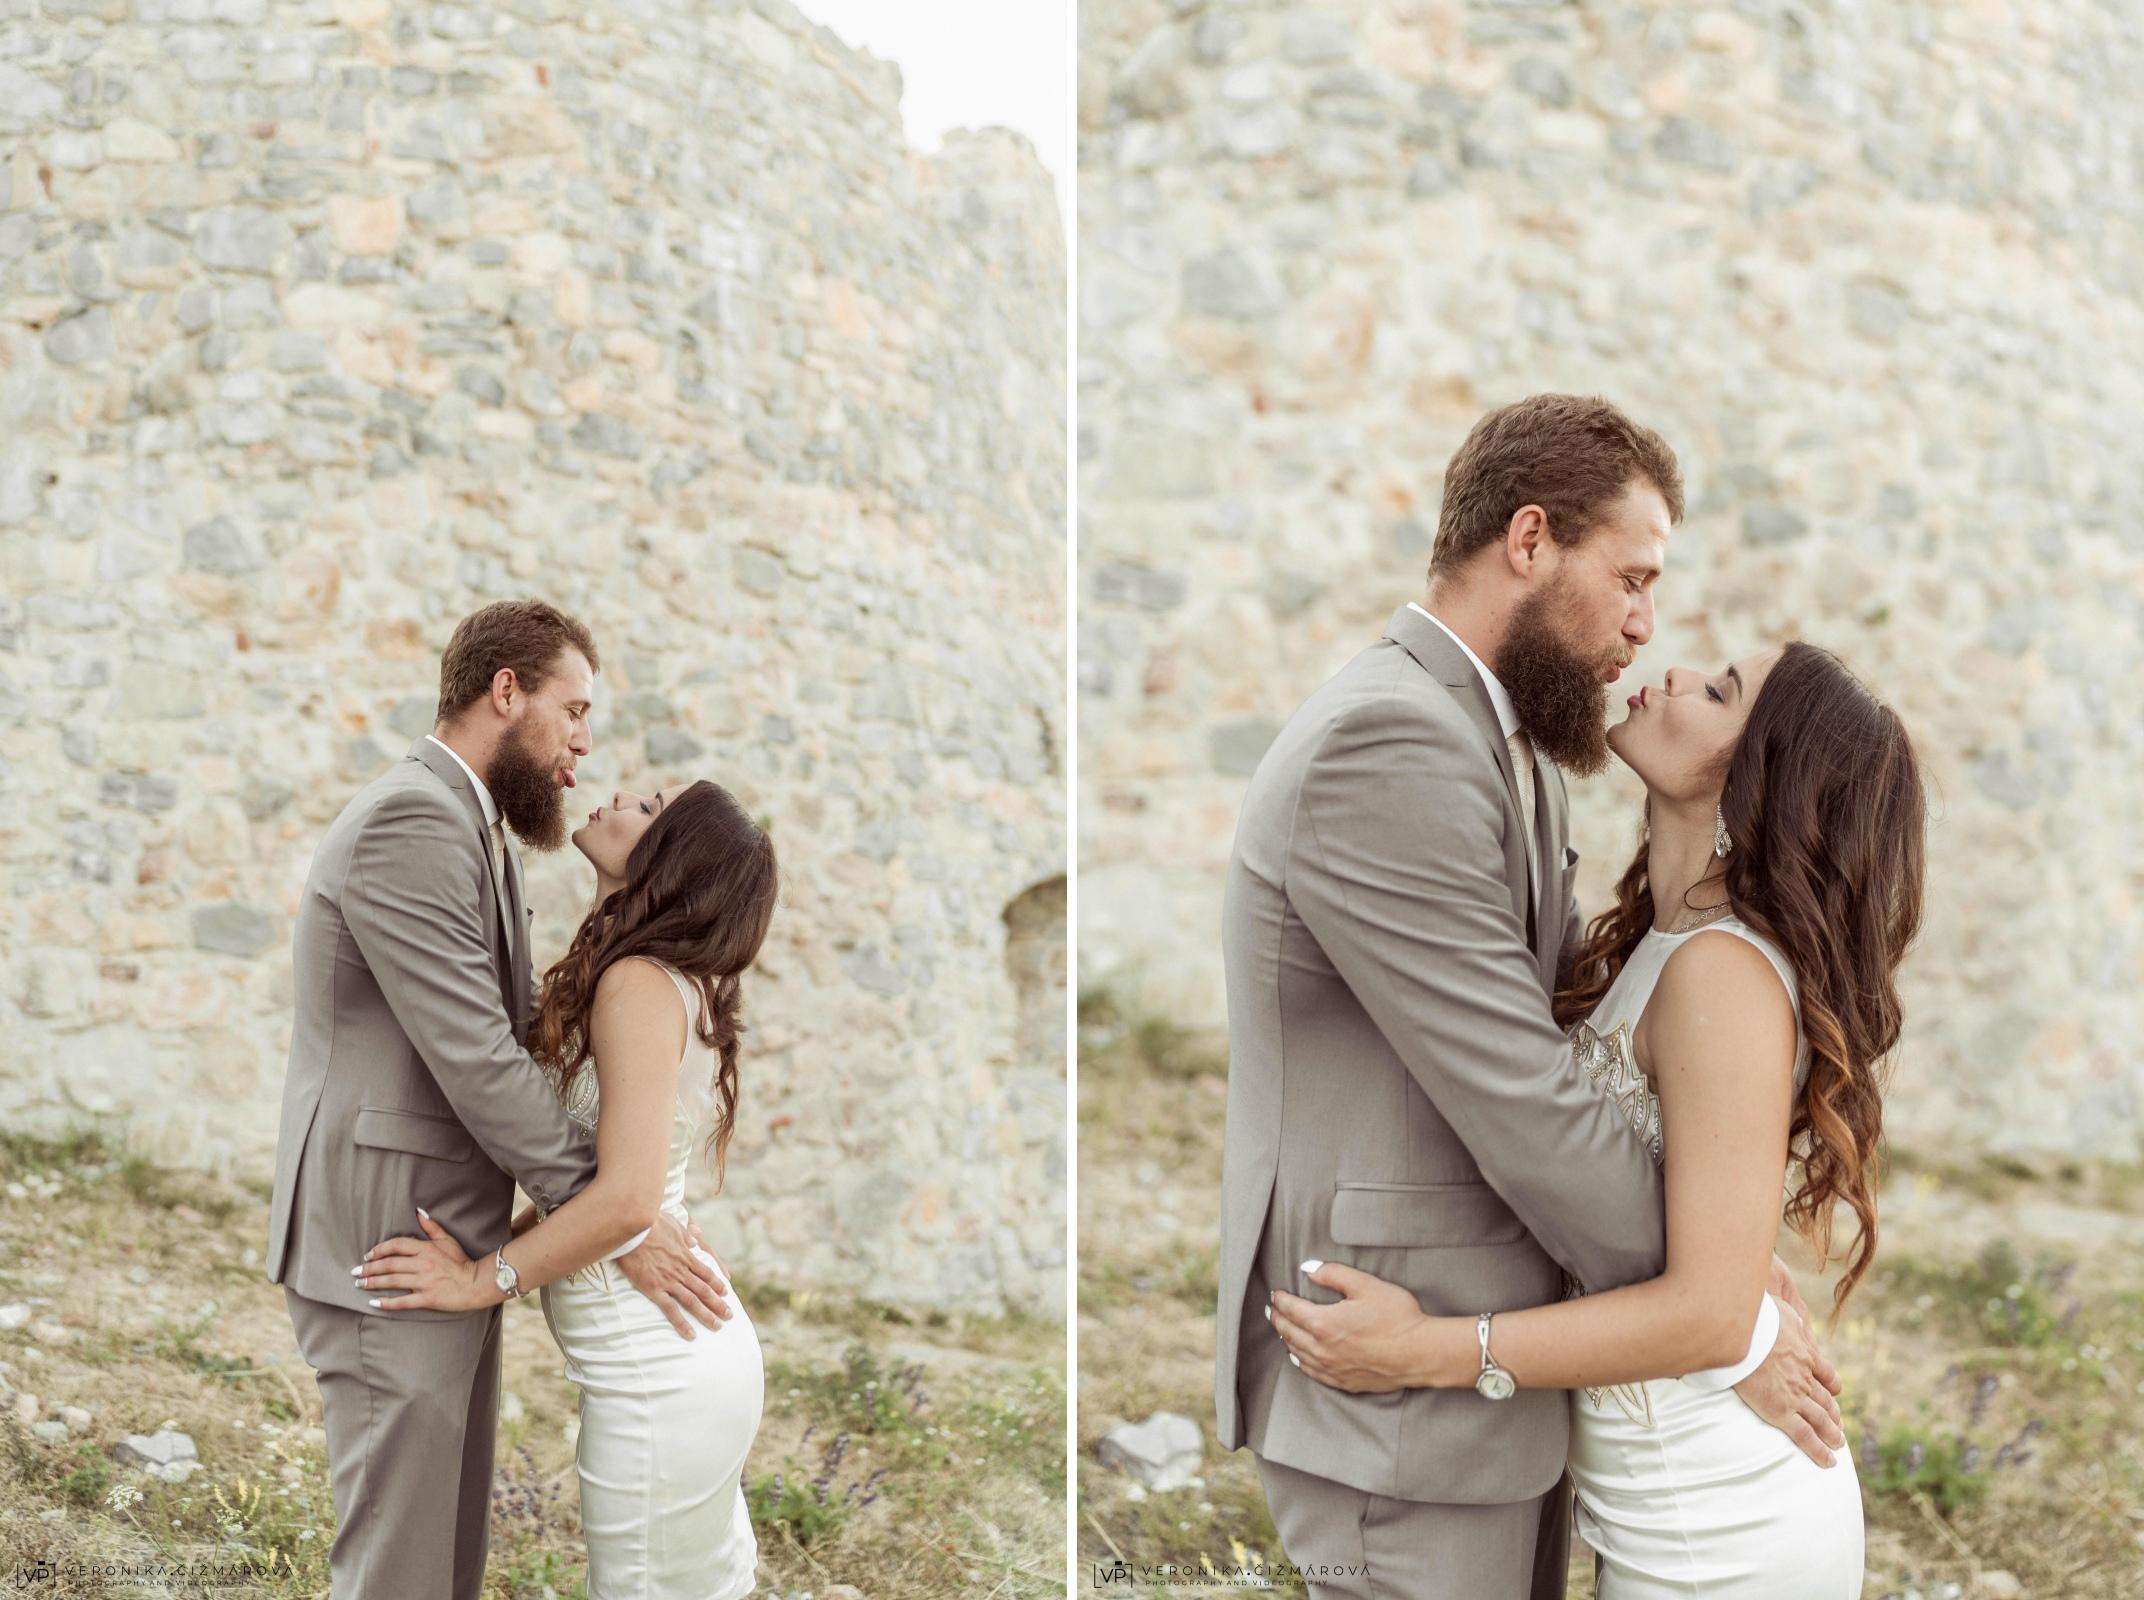 svadba-od-zazitkarov-fotografjpg